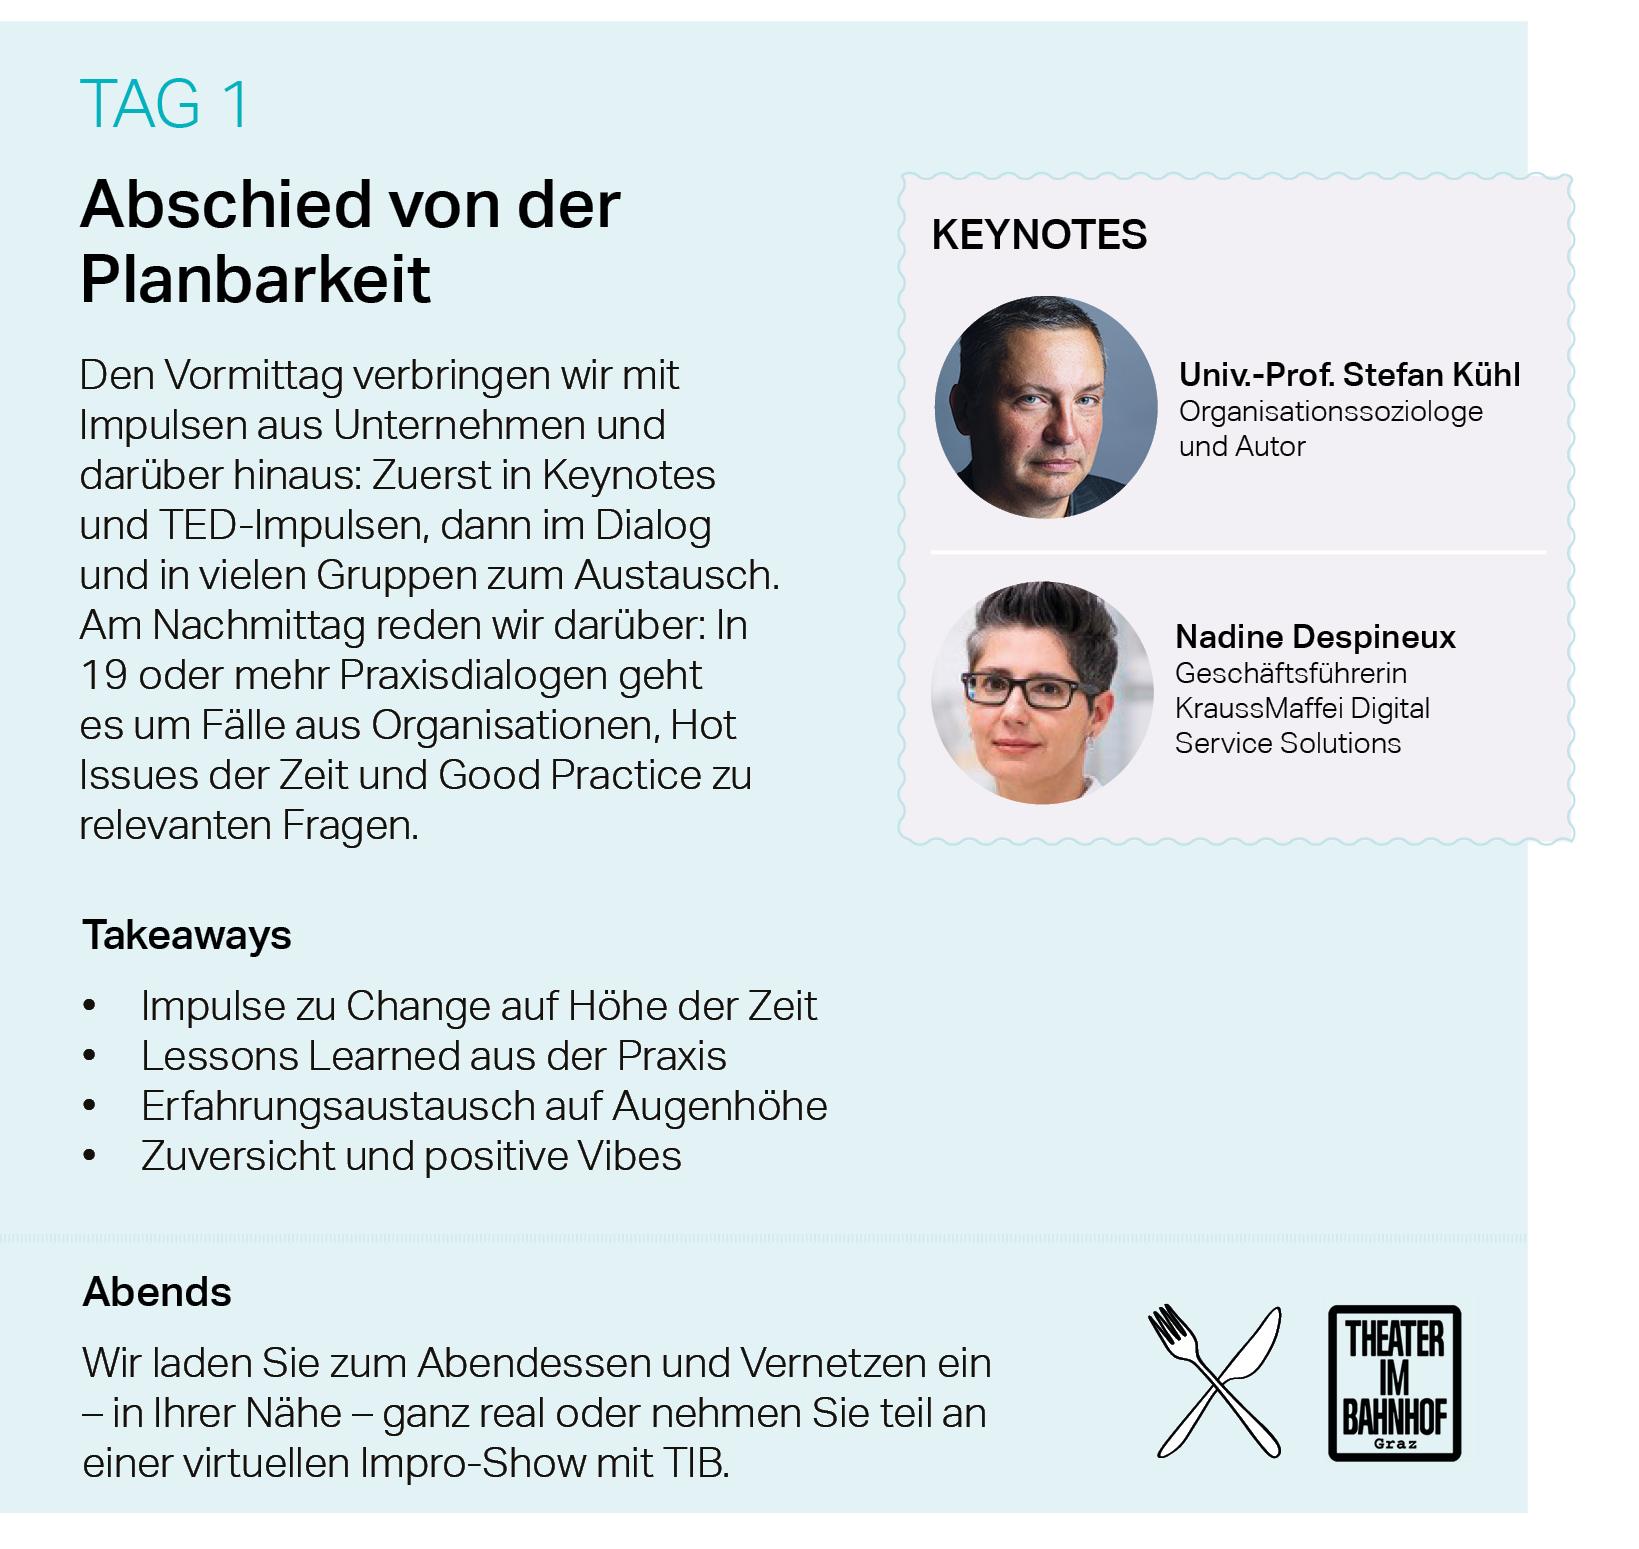 Abschied von der Planbarkeit, Keynotes, Impulse, Praxisdialoge, Good Practice, Change, Stefan Kühl, Nadine Despineux